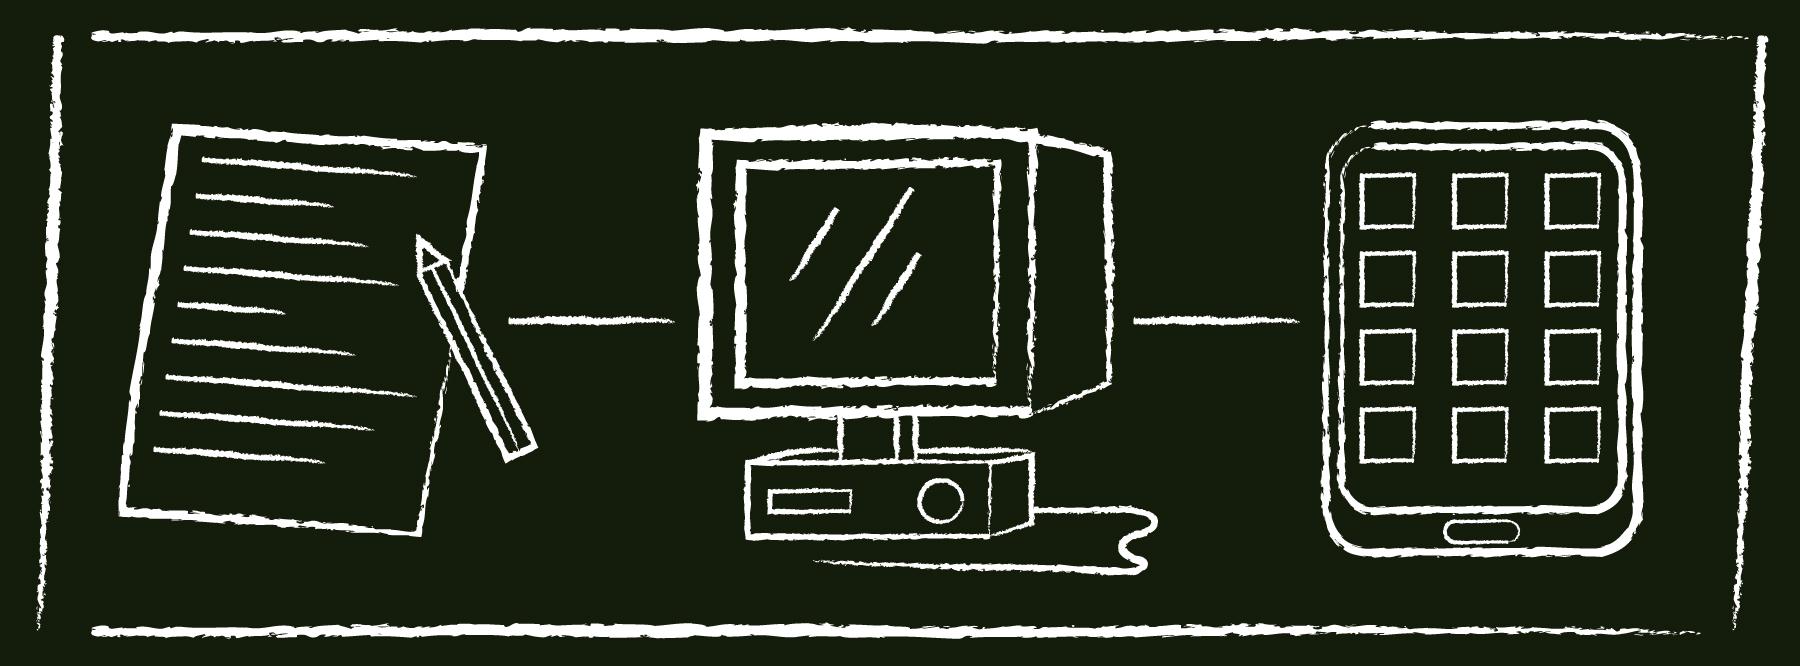 La tecnología en la educación: de los primeros cursos en línea al machine learning